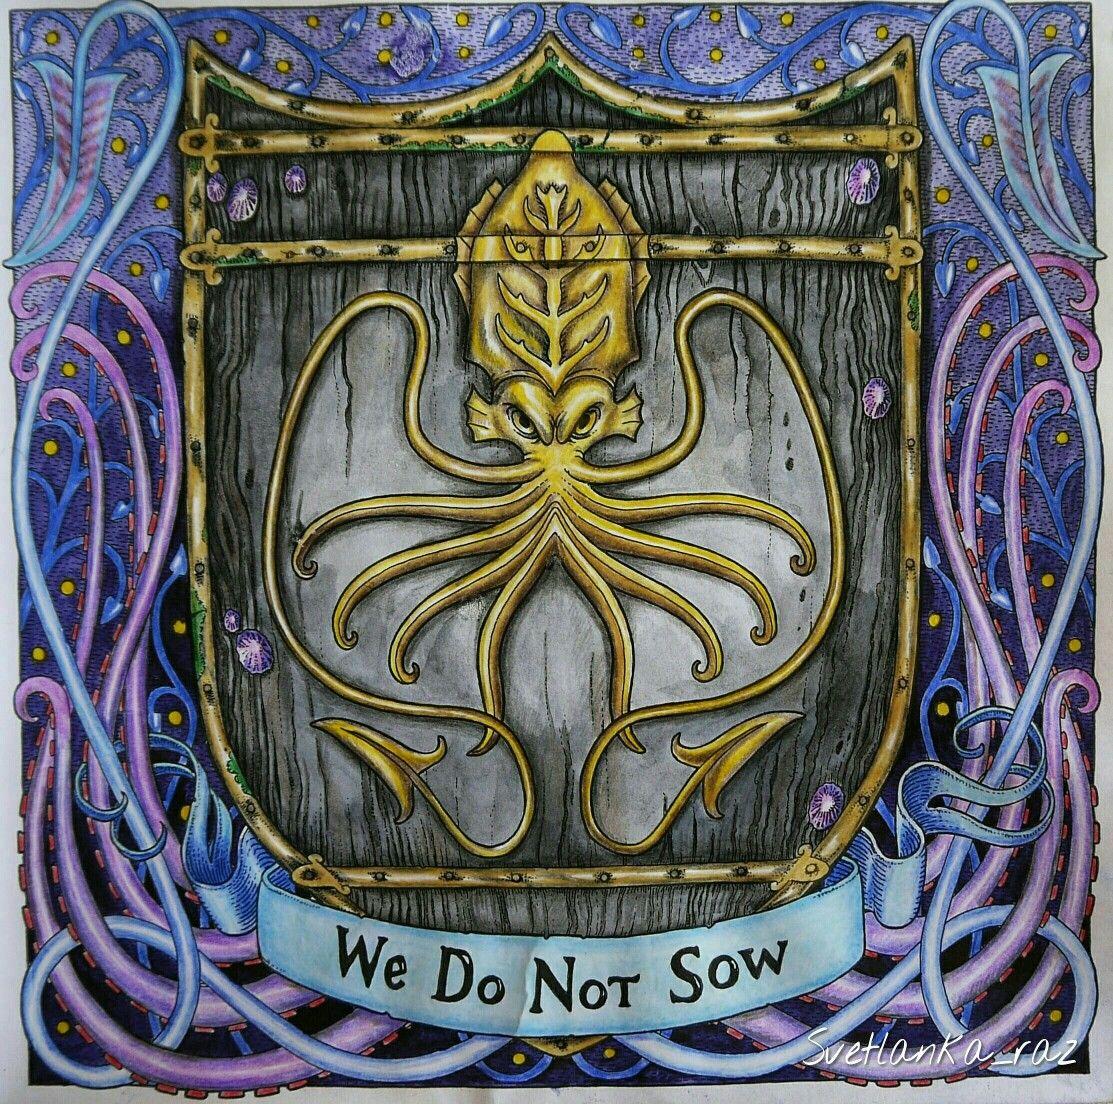 раскраска игра престолов Gotcoloringbook мои работы в